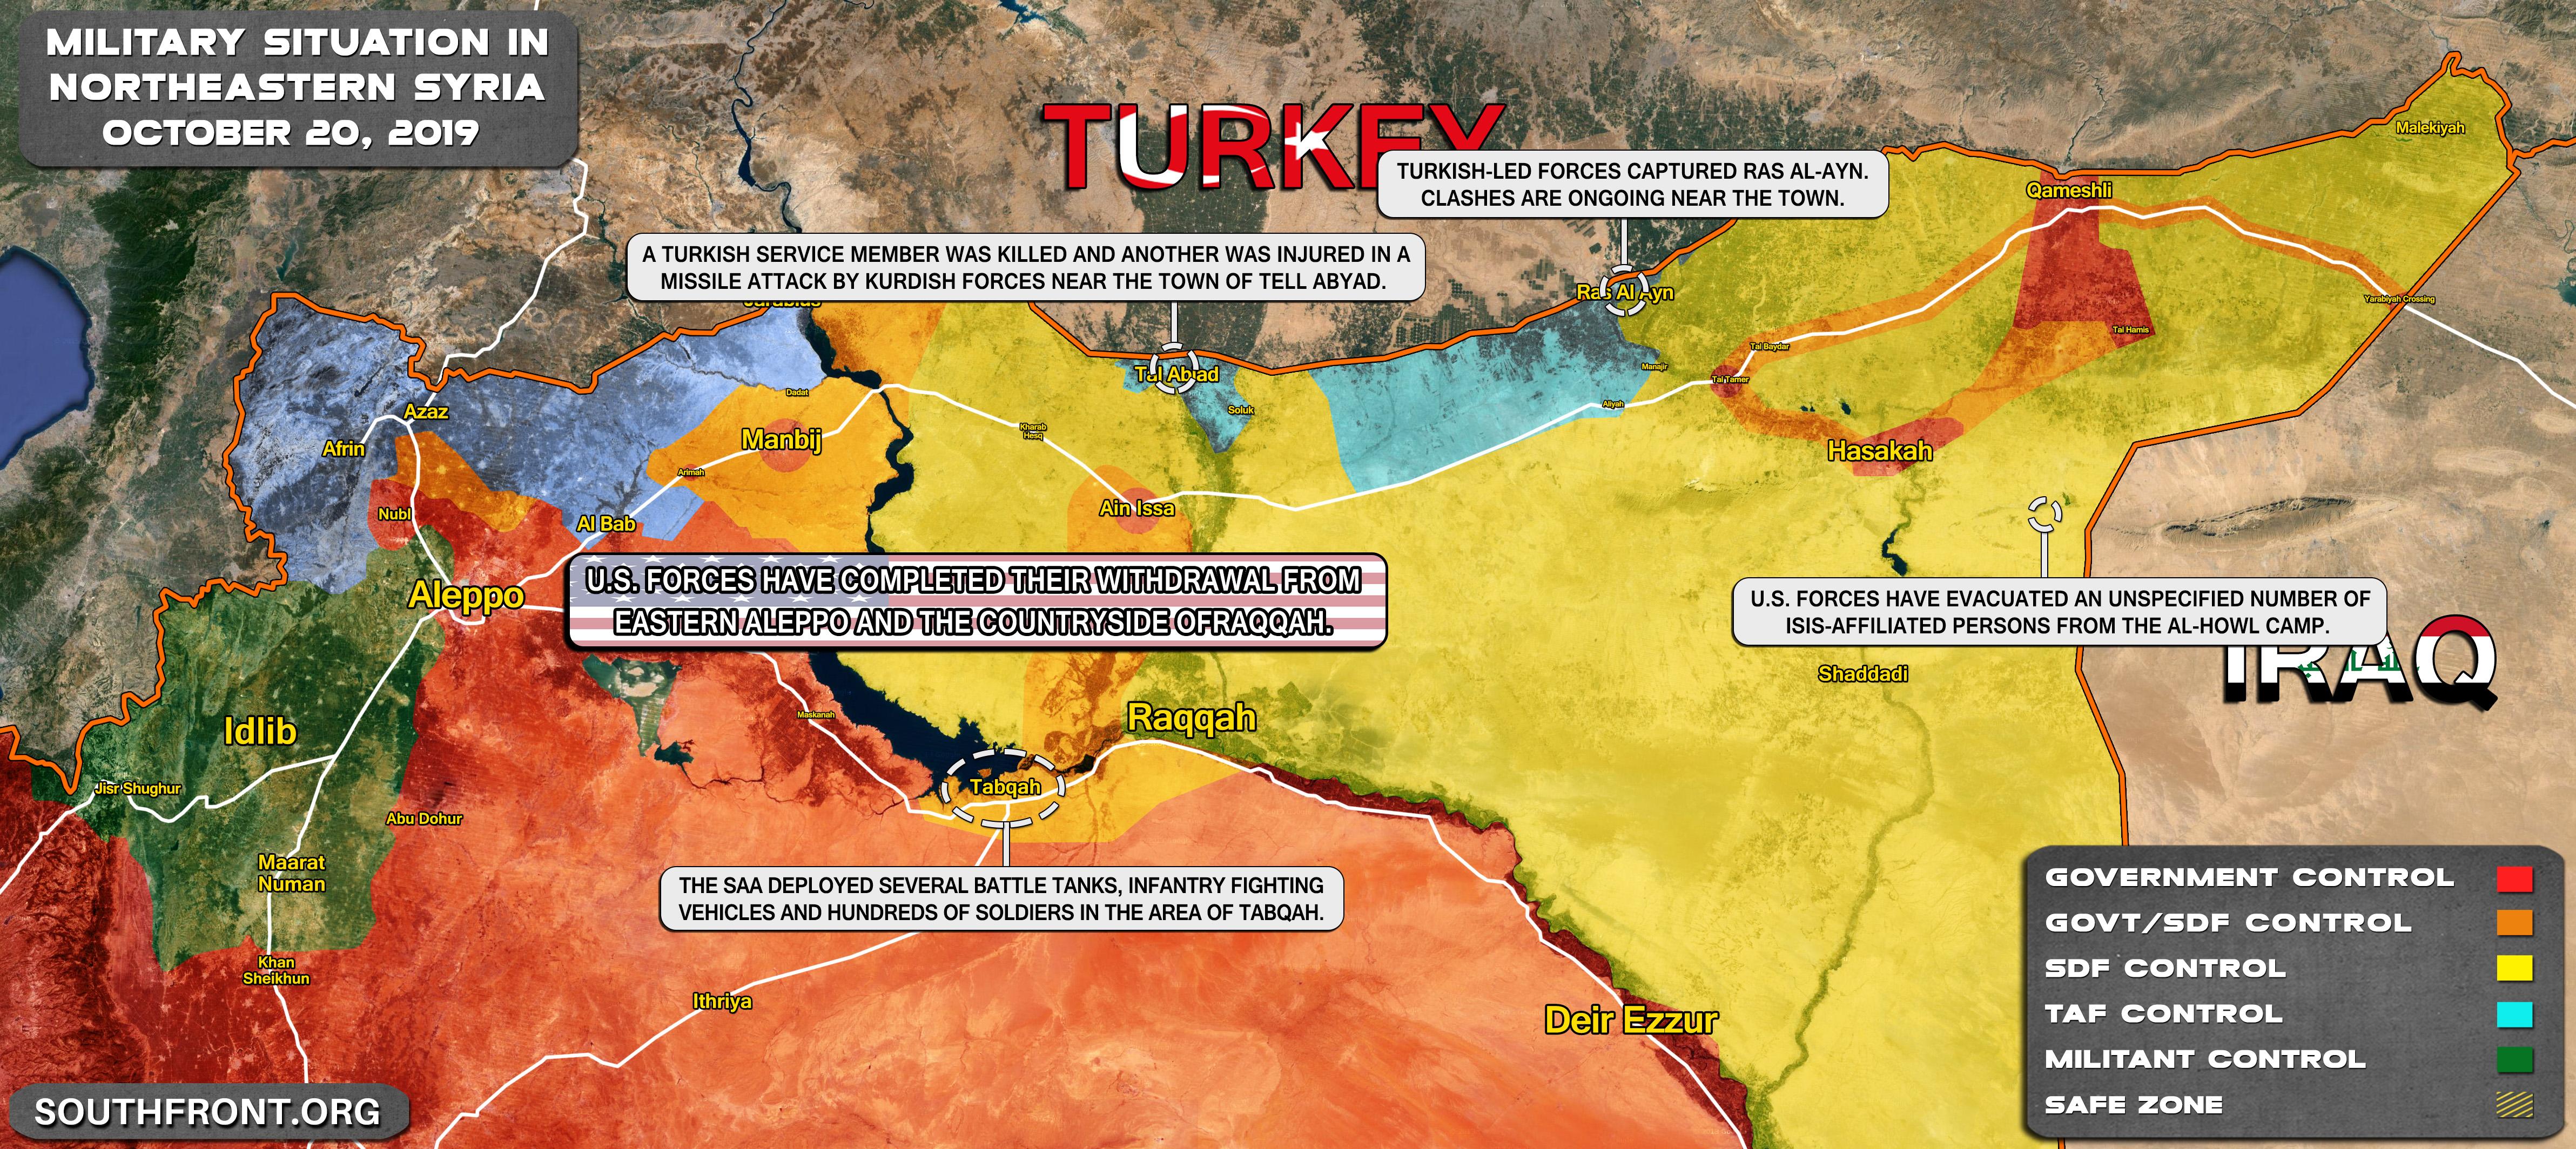 Chiến sự Syria: Bước ngoặt bất ngờ, Thổ Nhĩ Kỳ hóa ra là kẻ thua cuộc - Ảnh 6.